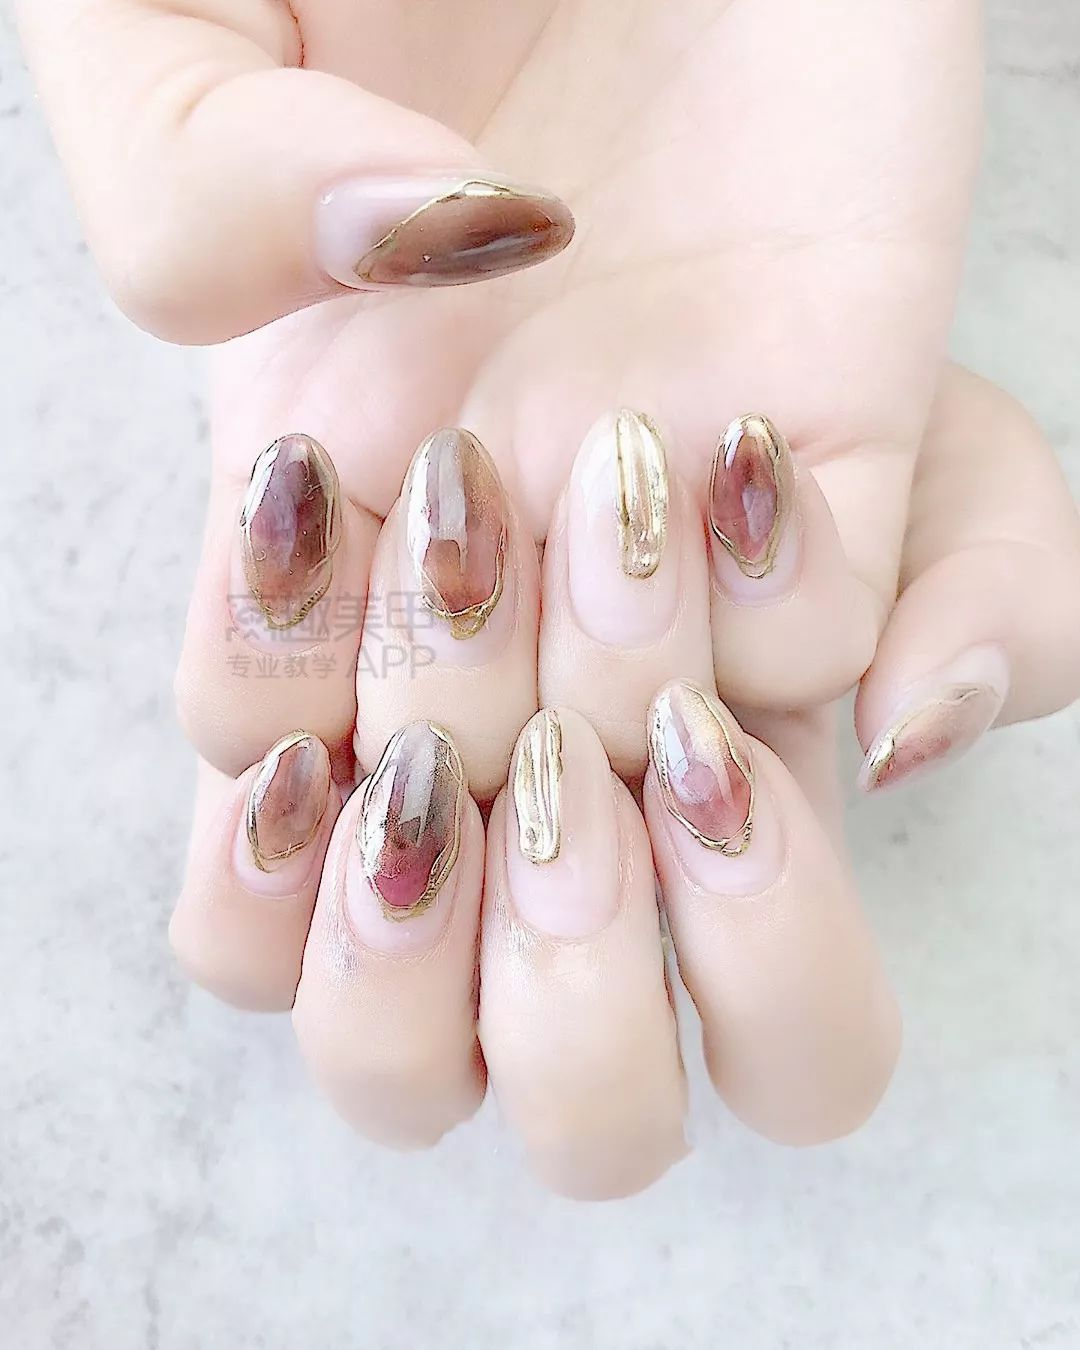 瞧 超女人的长指甲诶